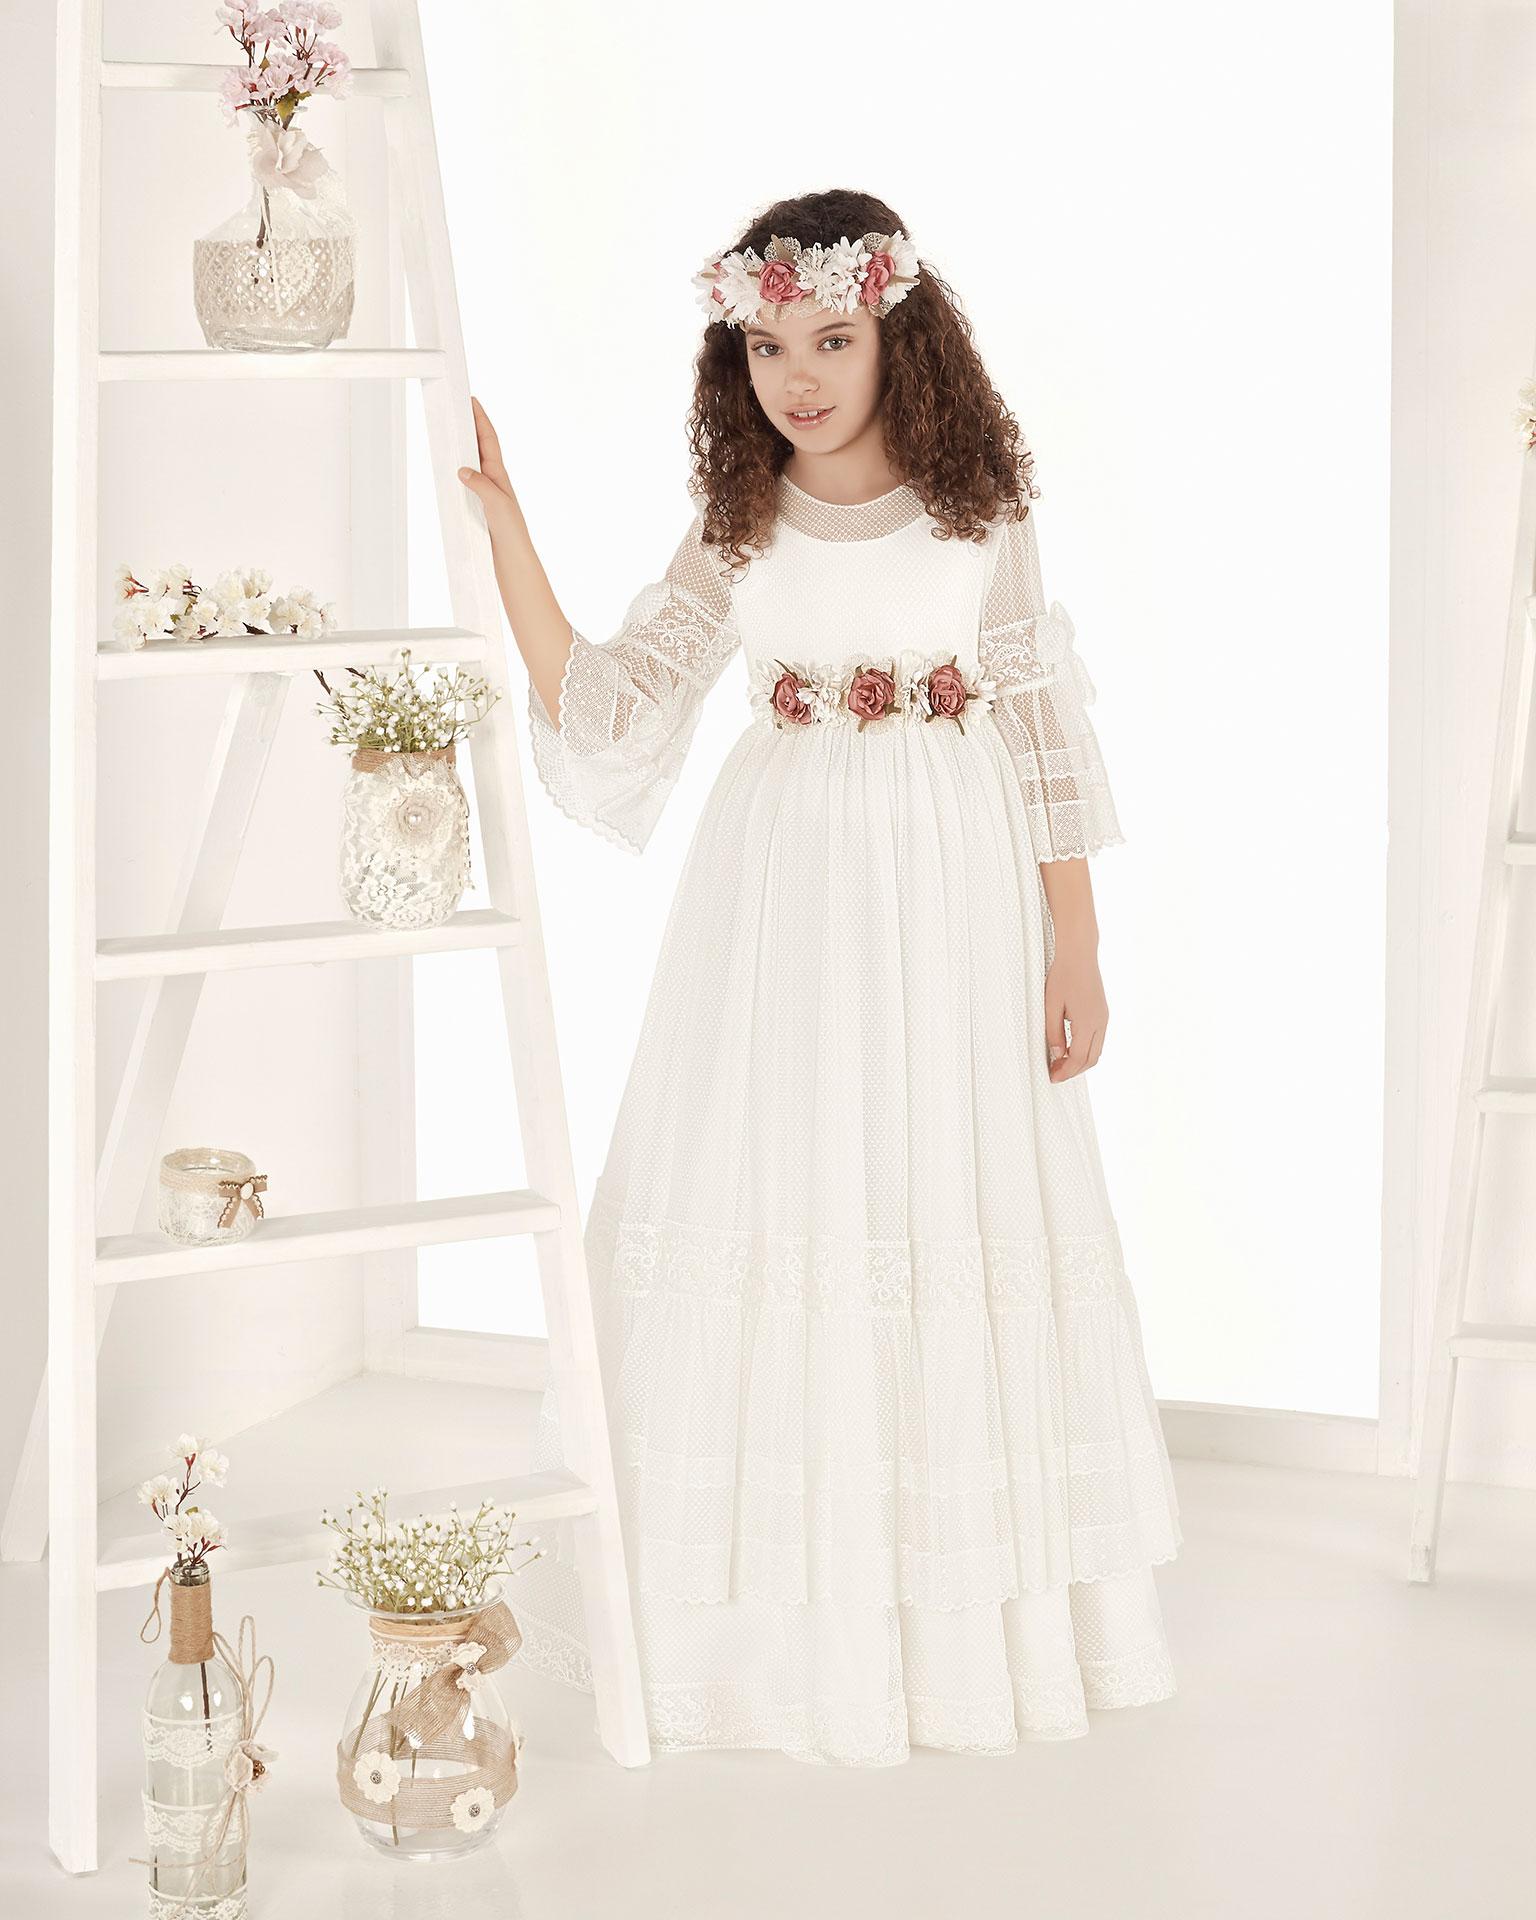 .2019 مجموعة فساتين AIRE COMUNION فستان للمناولة الأولى ذو تصميم للأميرات من التل المطبّع. مع خصر عالي. باللون الطبيعي.